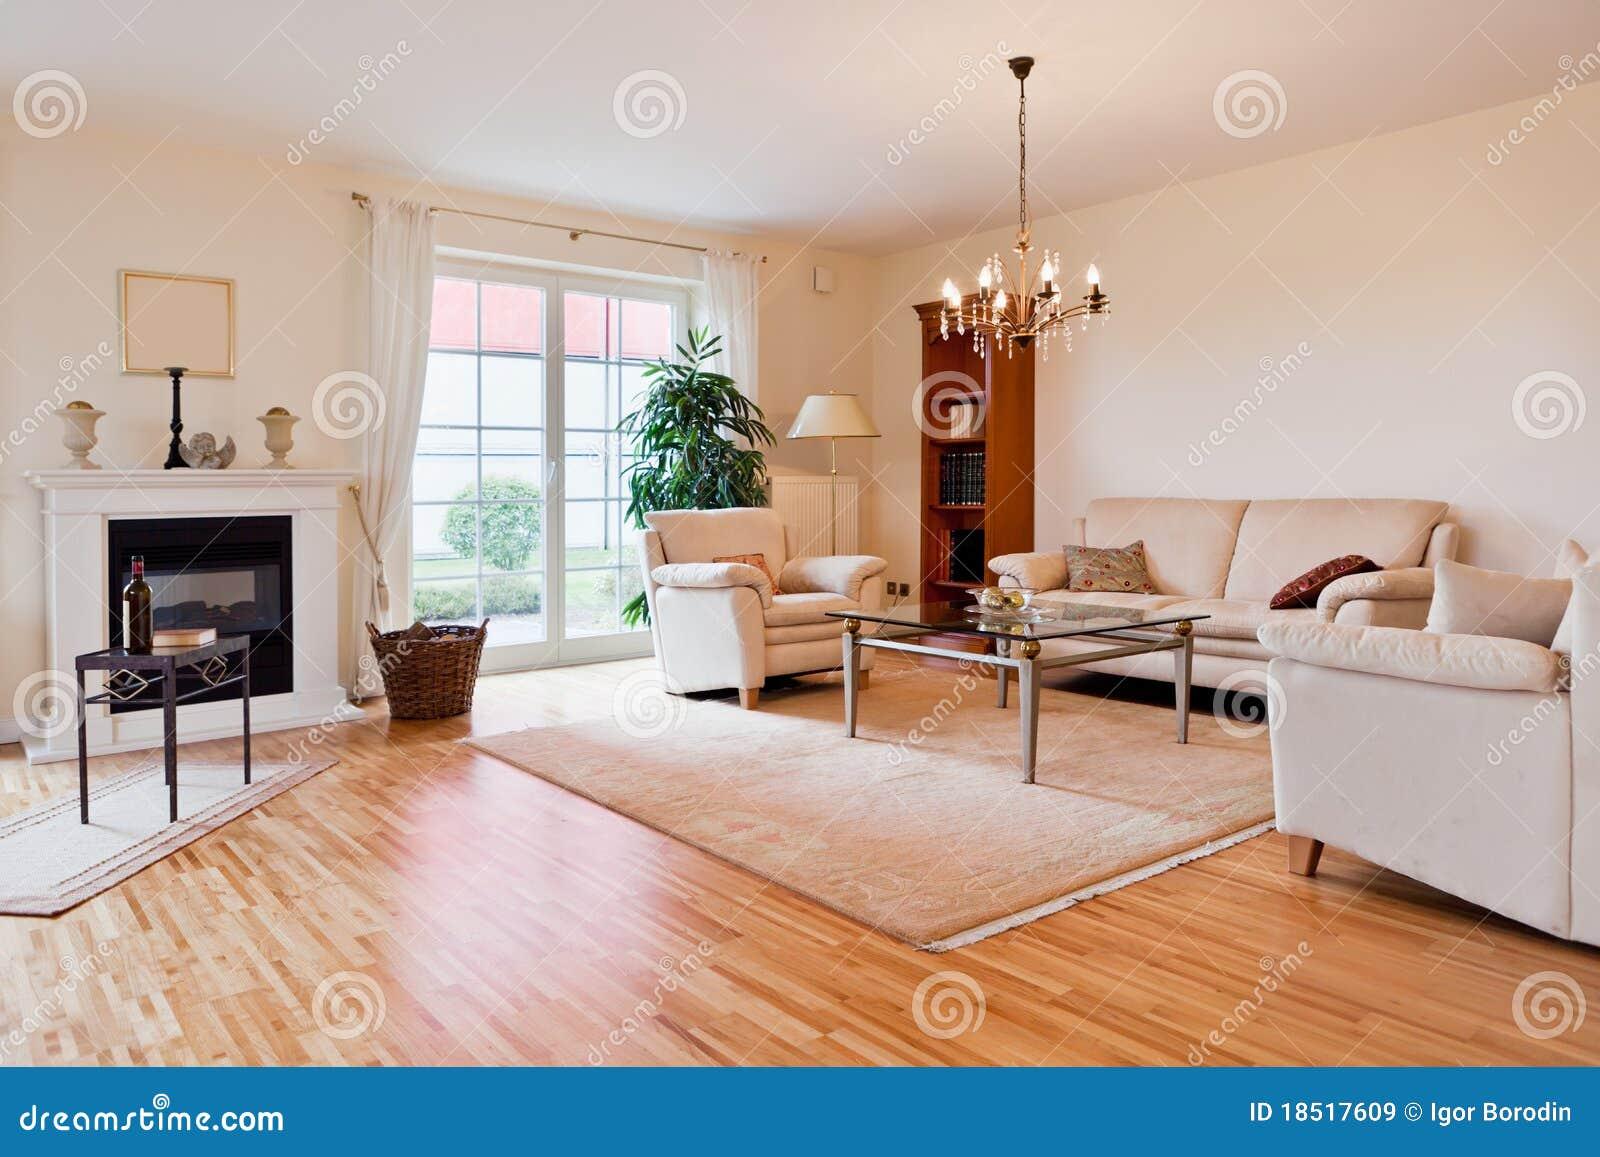 modernes haus wohnzimmer stockbild bild von stuhl